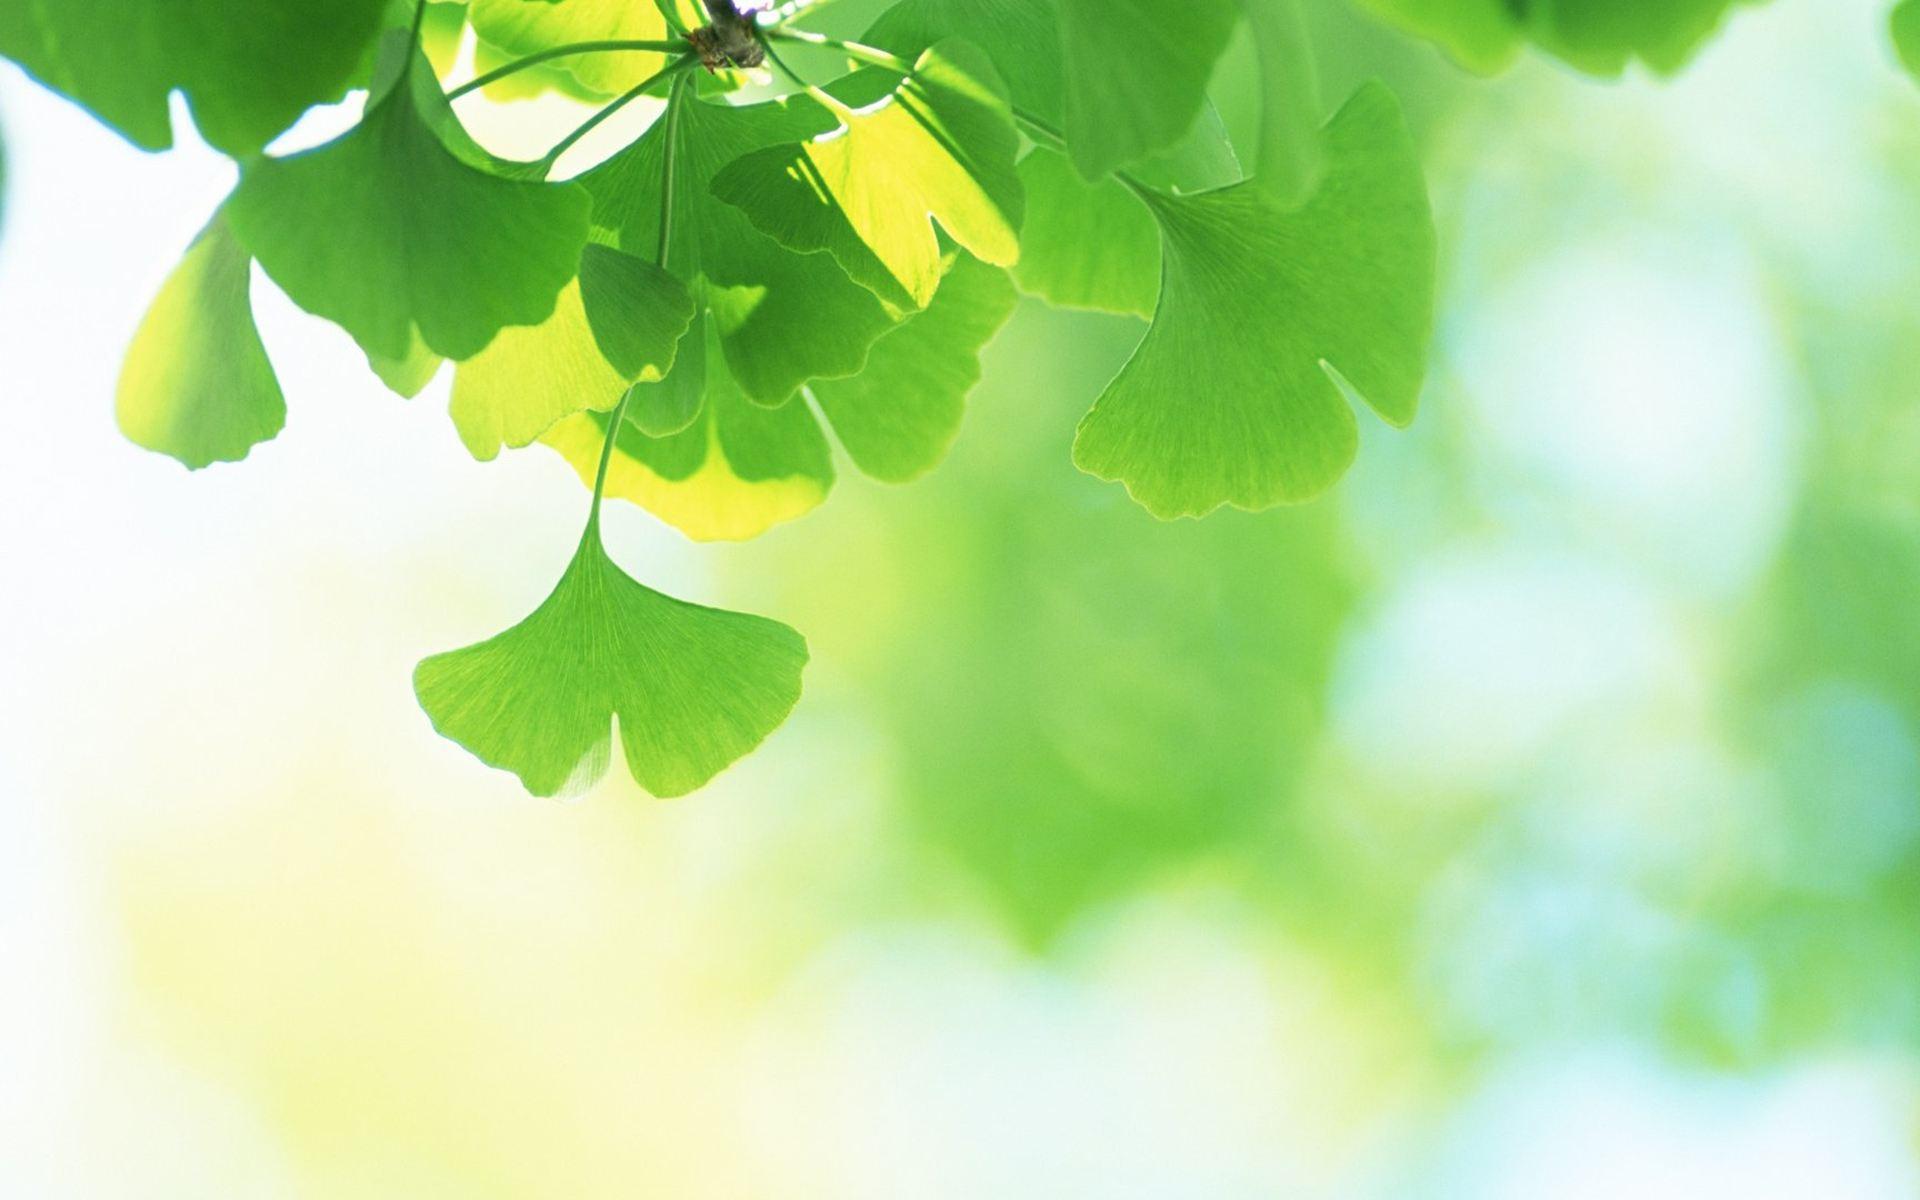 """绿在哪里  学校位于吵杂喧闹的马路边,然而一进入校门,映入眼帘的却是处处绿意盎然、草木扶疏的校园,校园涵盖前庭、中庭及后庭,植栽树木花草众多,绿覆绿极高,当初对""""绿色学校""""这一名词尚未深入了解时,总觉得已经够绿了,应是最名符其实的绿色学校!透过学习介绍,渐渐了解:原来绿色学校不只是种种花草已…,更是一分对环境价值的坚持。  秘密角落一: 阅读自然—后庭自然教学步道区  有人说象是一座公园,也由人说象是一座森林,更有人说象是世外桃源!但深处其中的师生似乎"""